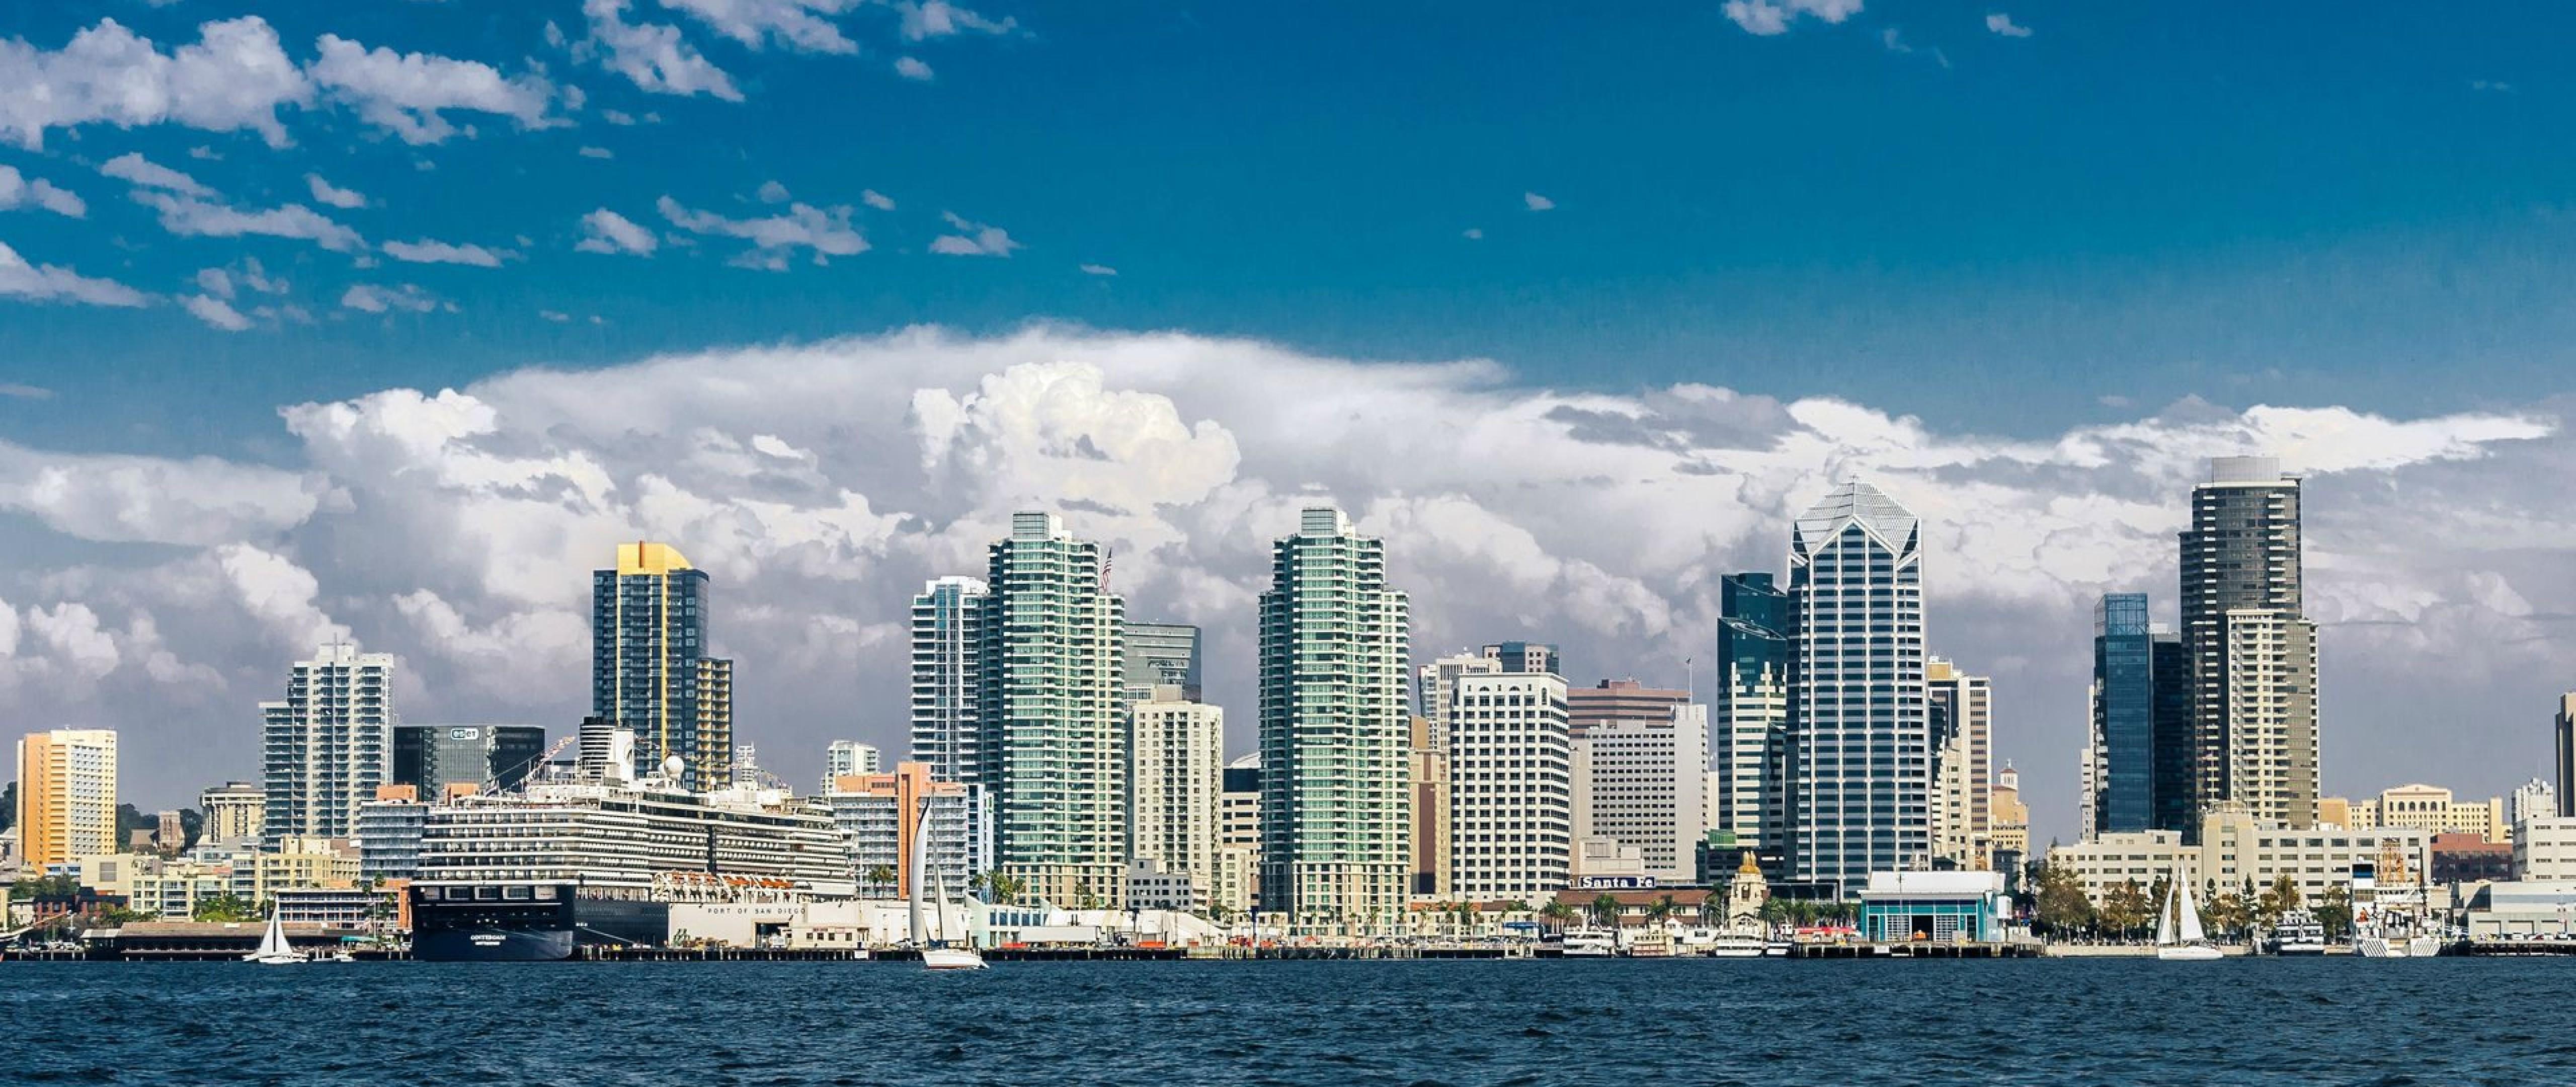 San Diego Skyline Hd Wallpaper 4k Ultra Hd Wide Tv Hd Wallpaper Wallpapers Net